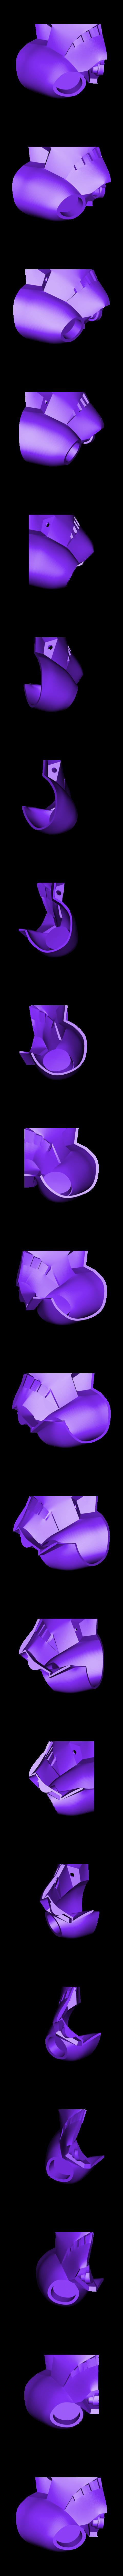 Part_9.stl Télécharger fichier STL gratuit Capitaine Rex Casque Phase 2 (Star Wars) • Plan imprimable en 3D, VillainousPropShop